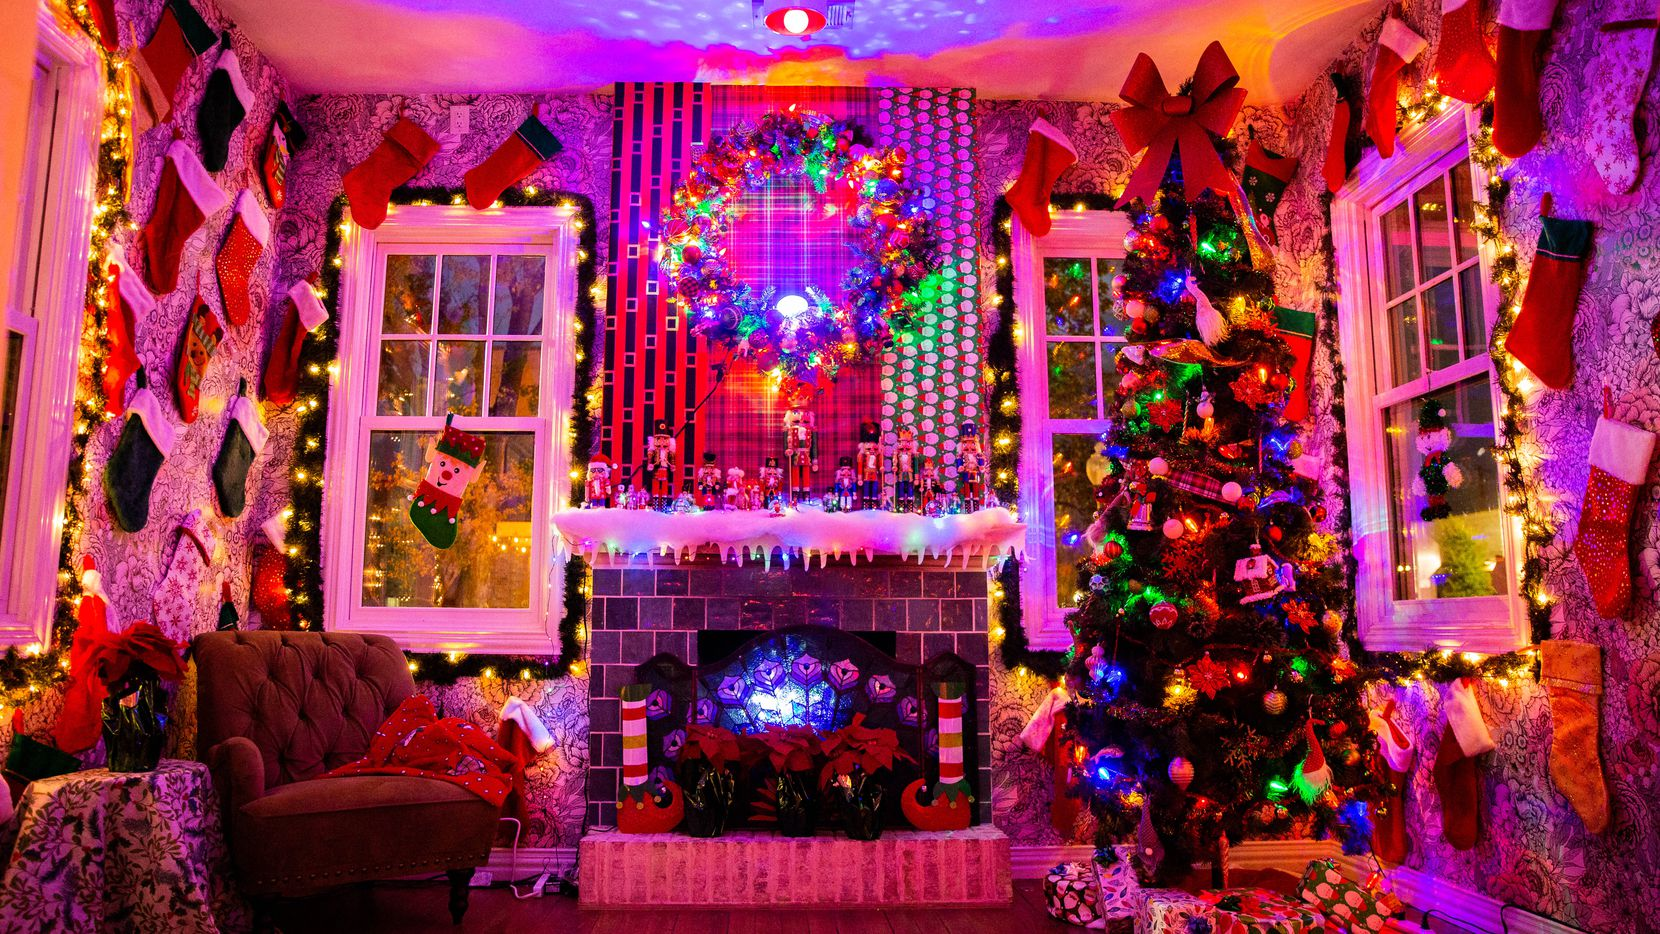 Decoraciones en Tipsy Elf, un bar con estilo navideño en el Distrito de Bishop Arts en Dallas.